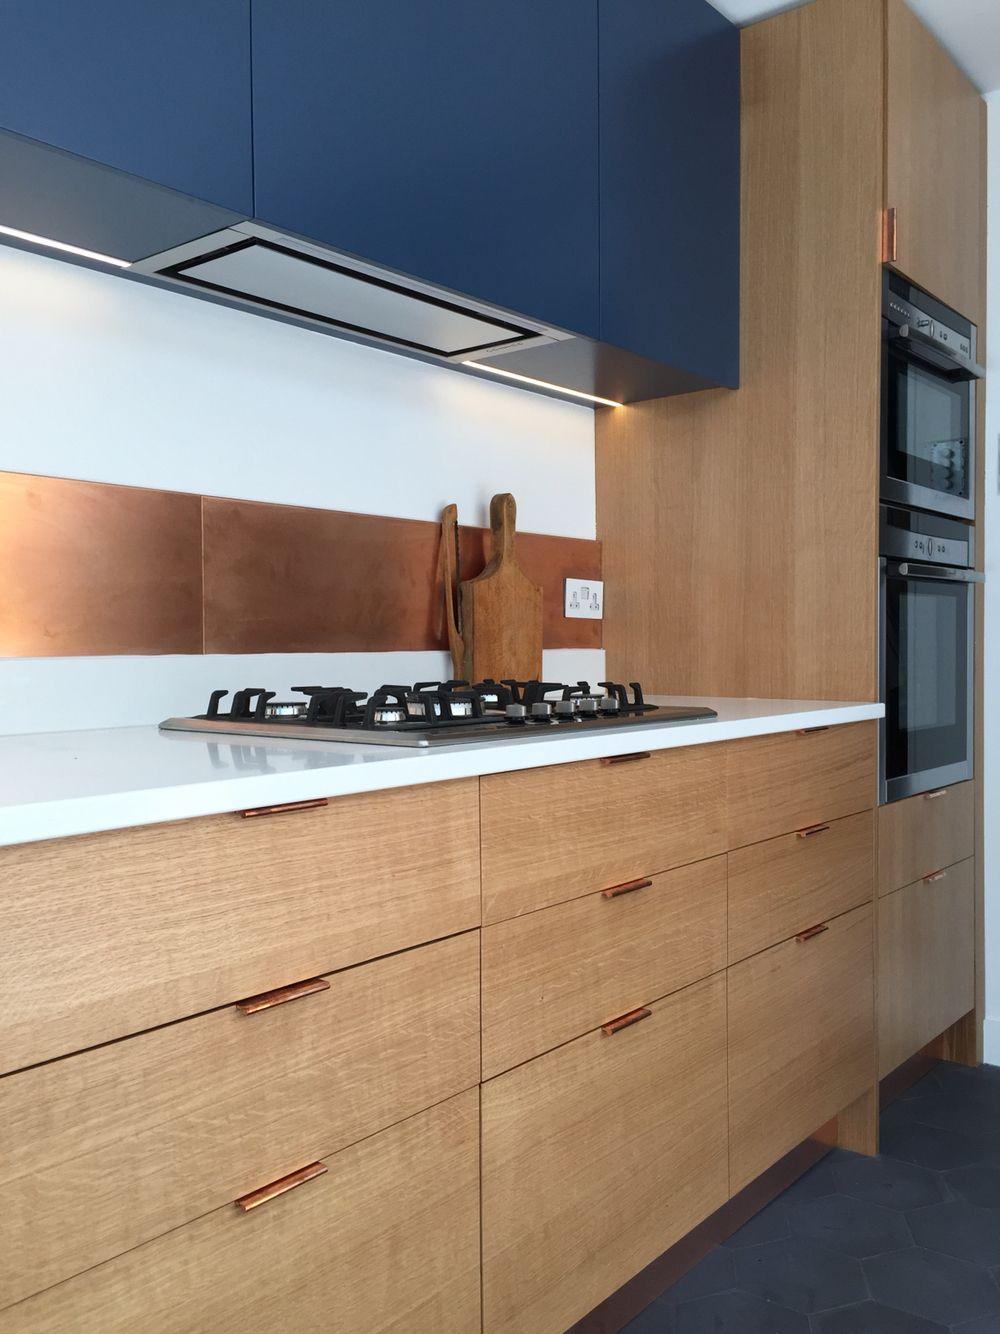 Sq1 Kitchen Medullary Ray Oak Veneer Spray Lacquered Birch Ply In 2020 Kitchen Door Handles Kitchen Inspiration Design Kitchen Handles